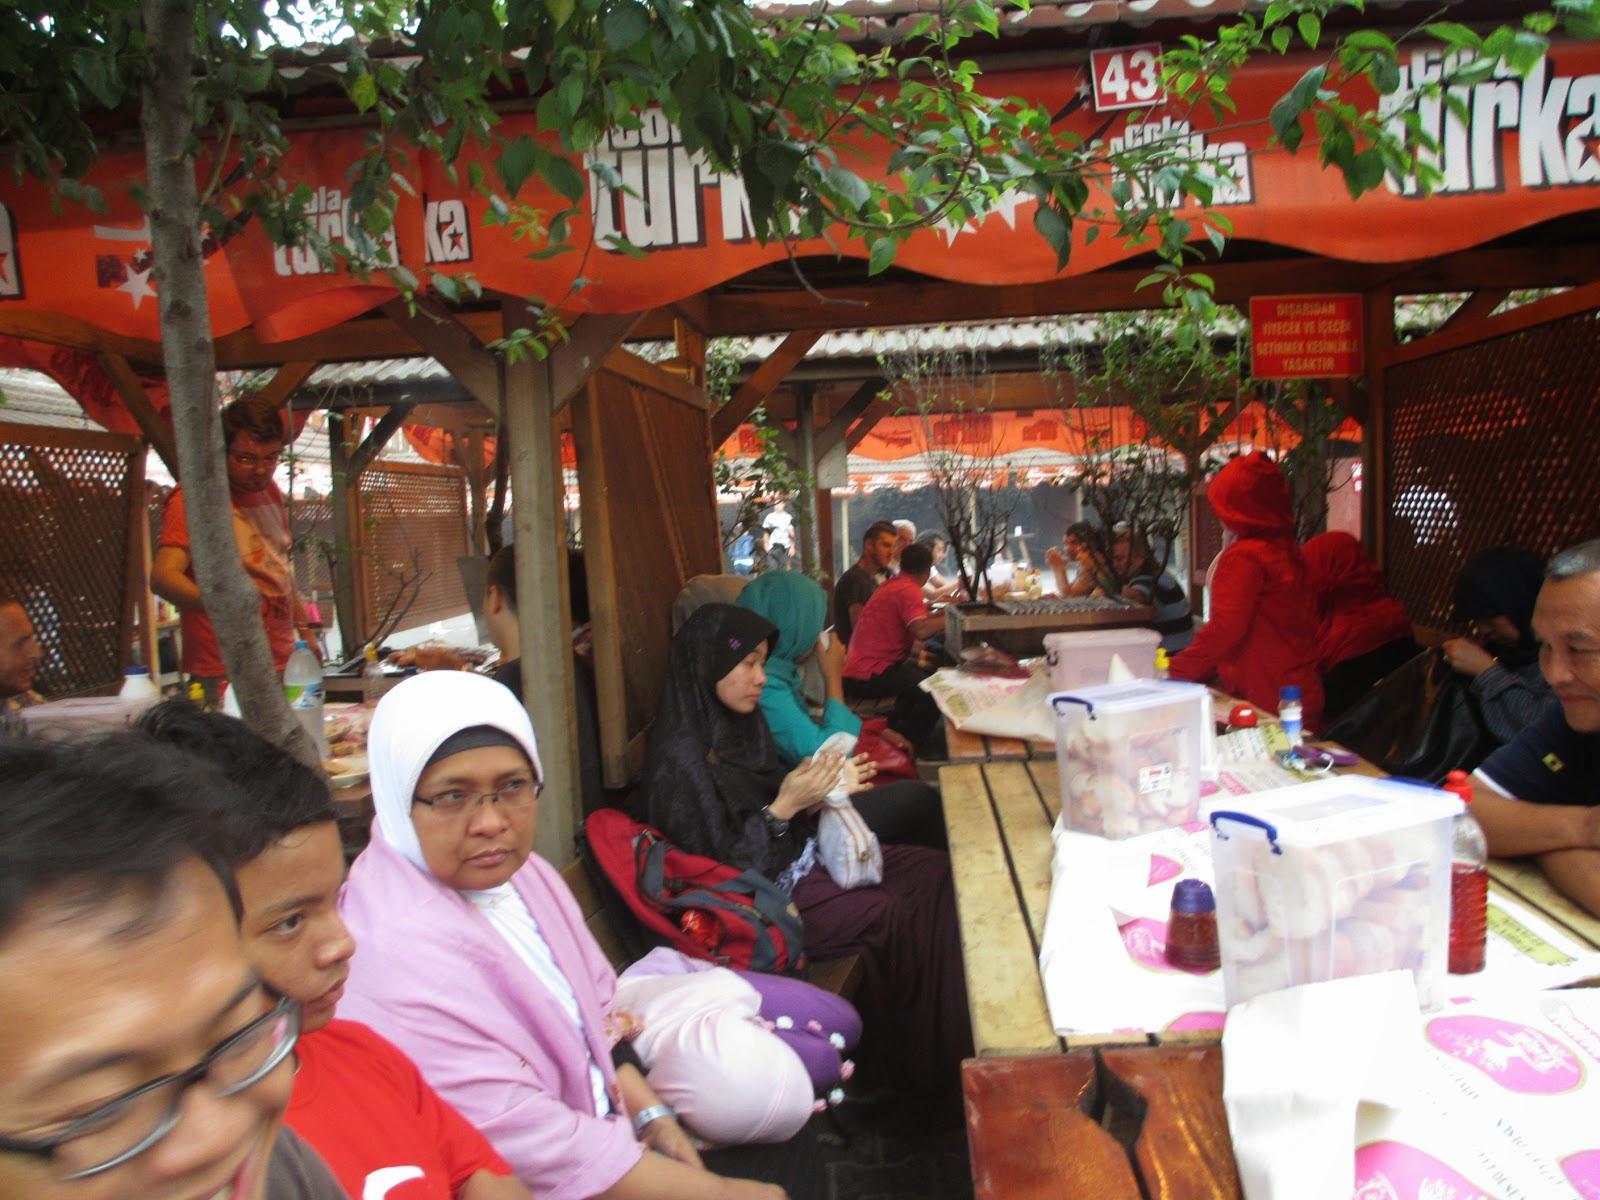 Travel Umroh Feb 2015 Terbaik Bagus dan Terpercaya di Jakarta Selatan